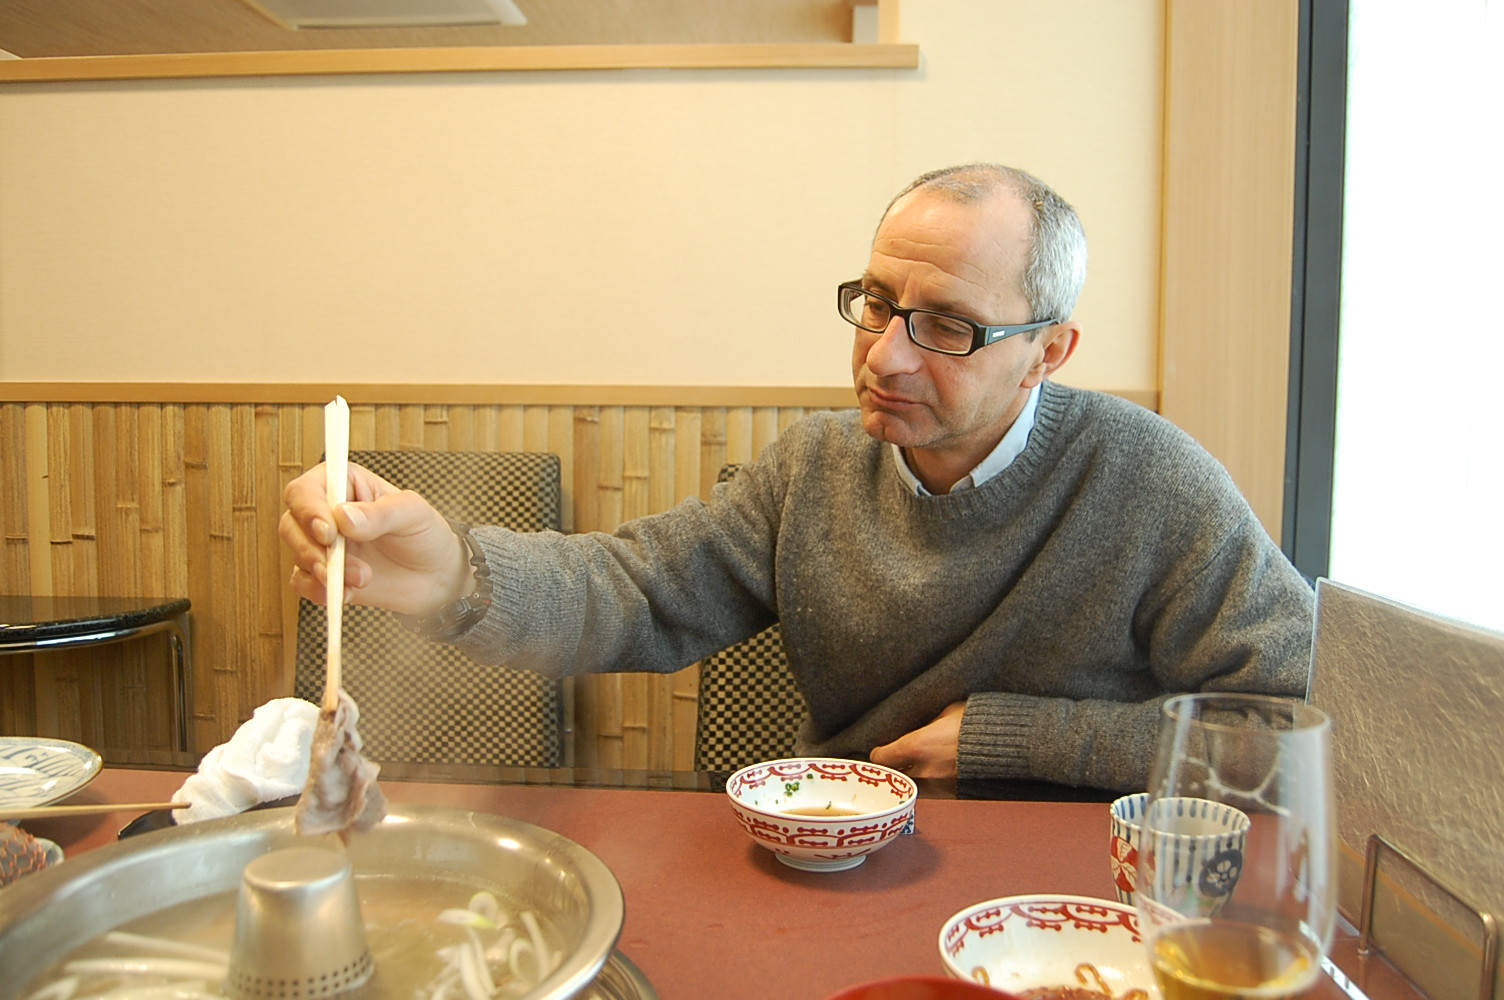 シチリア人日本滞在記 東京 その壱 バゥ_d0084229_21402112.jpg